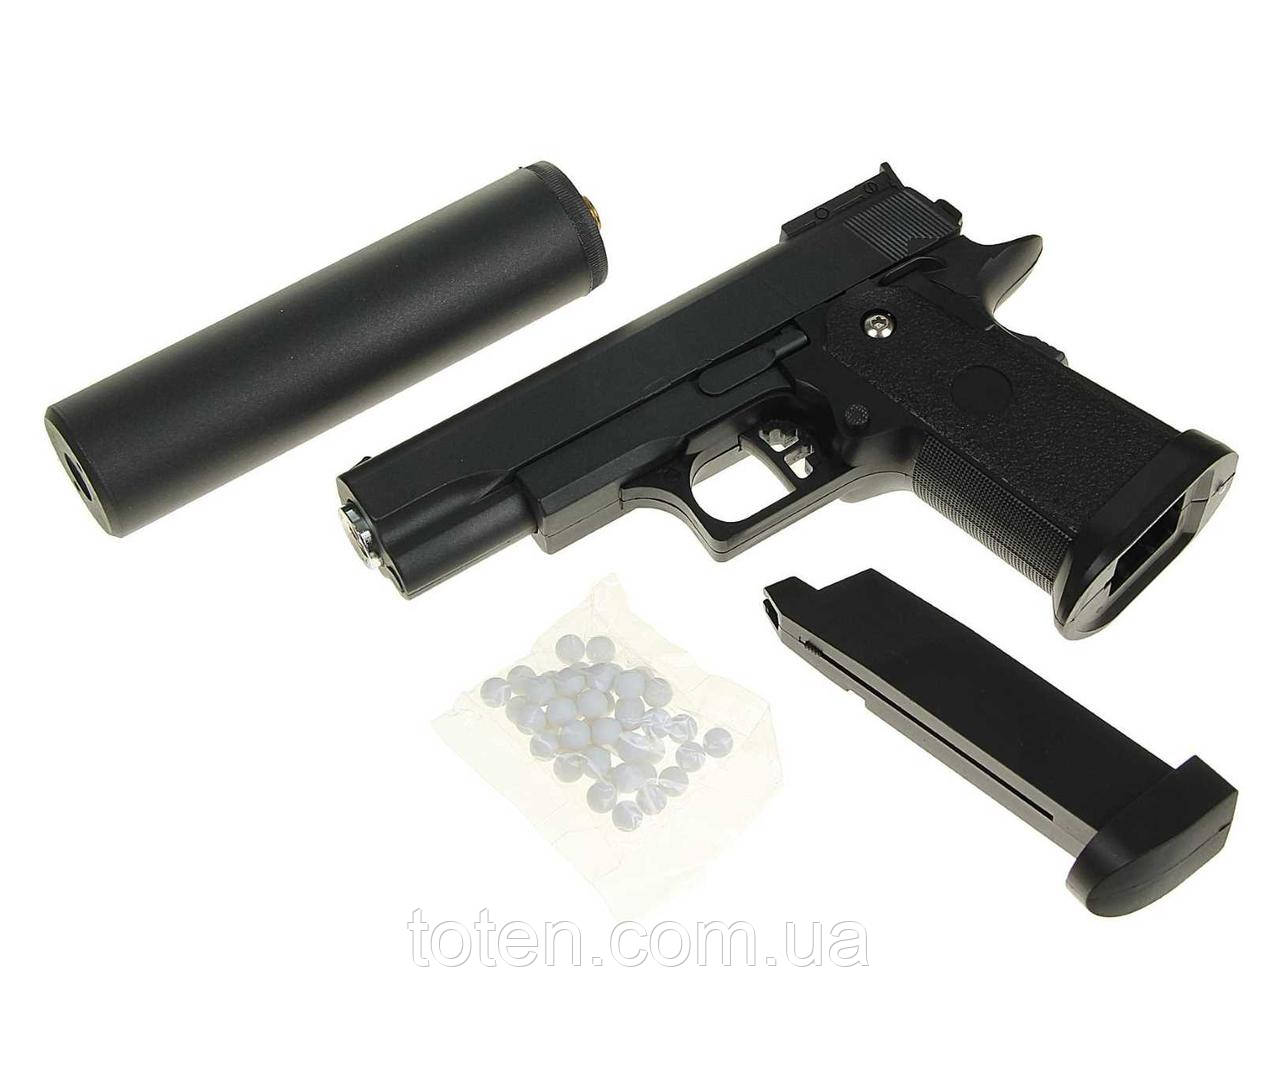 Страйкбольный пистолет Galaxy G.10A (Colt 1911 mini) Н